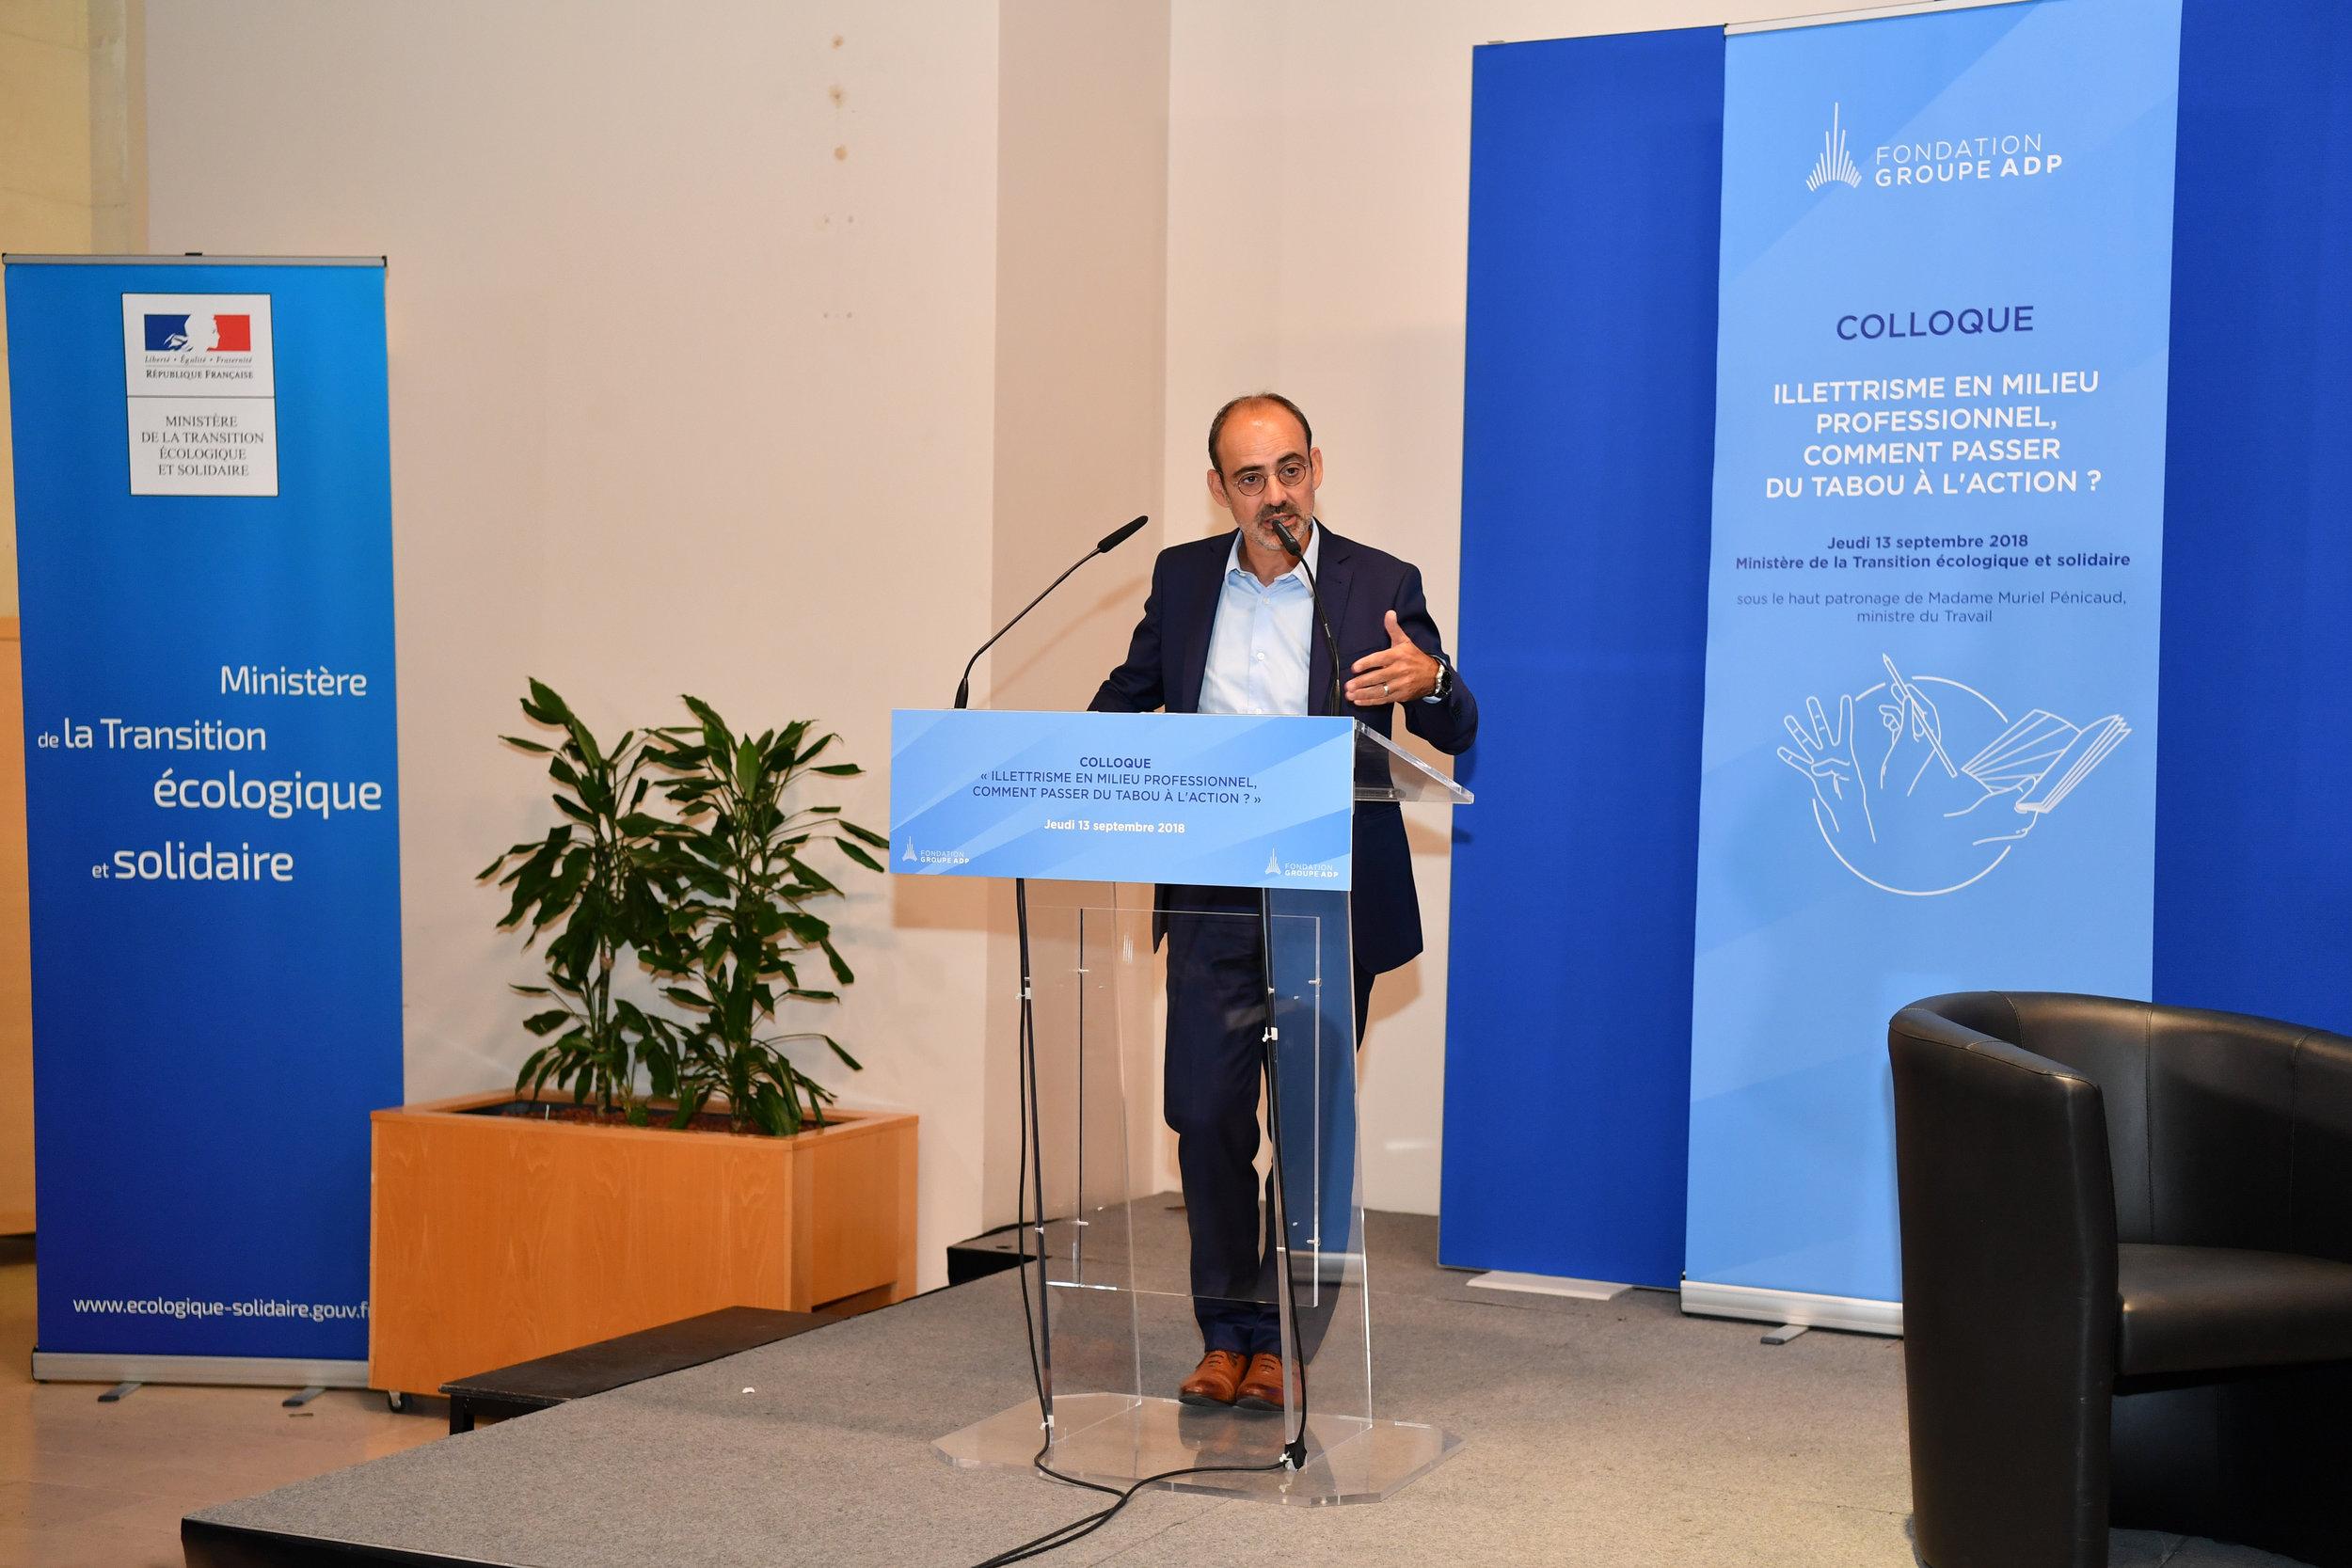 Hervé Hernandez : Directeur de l'ANLCI